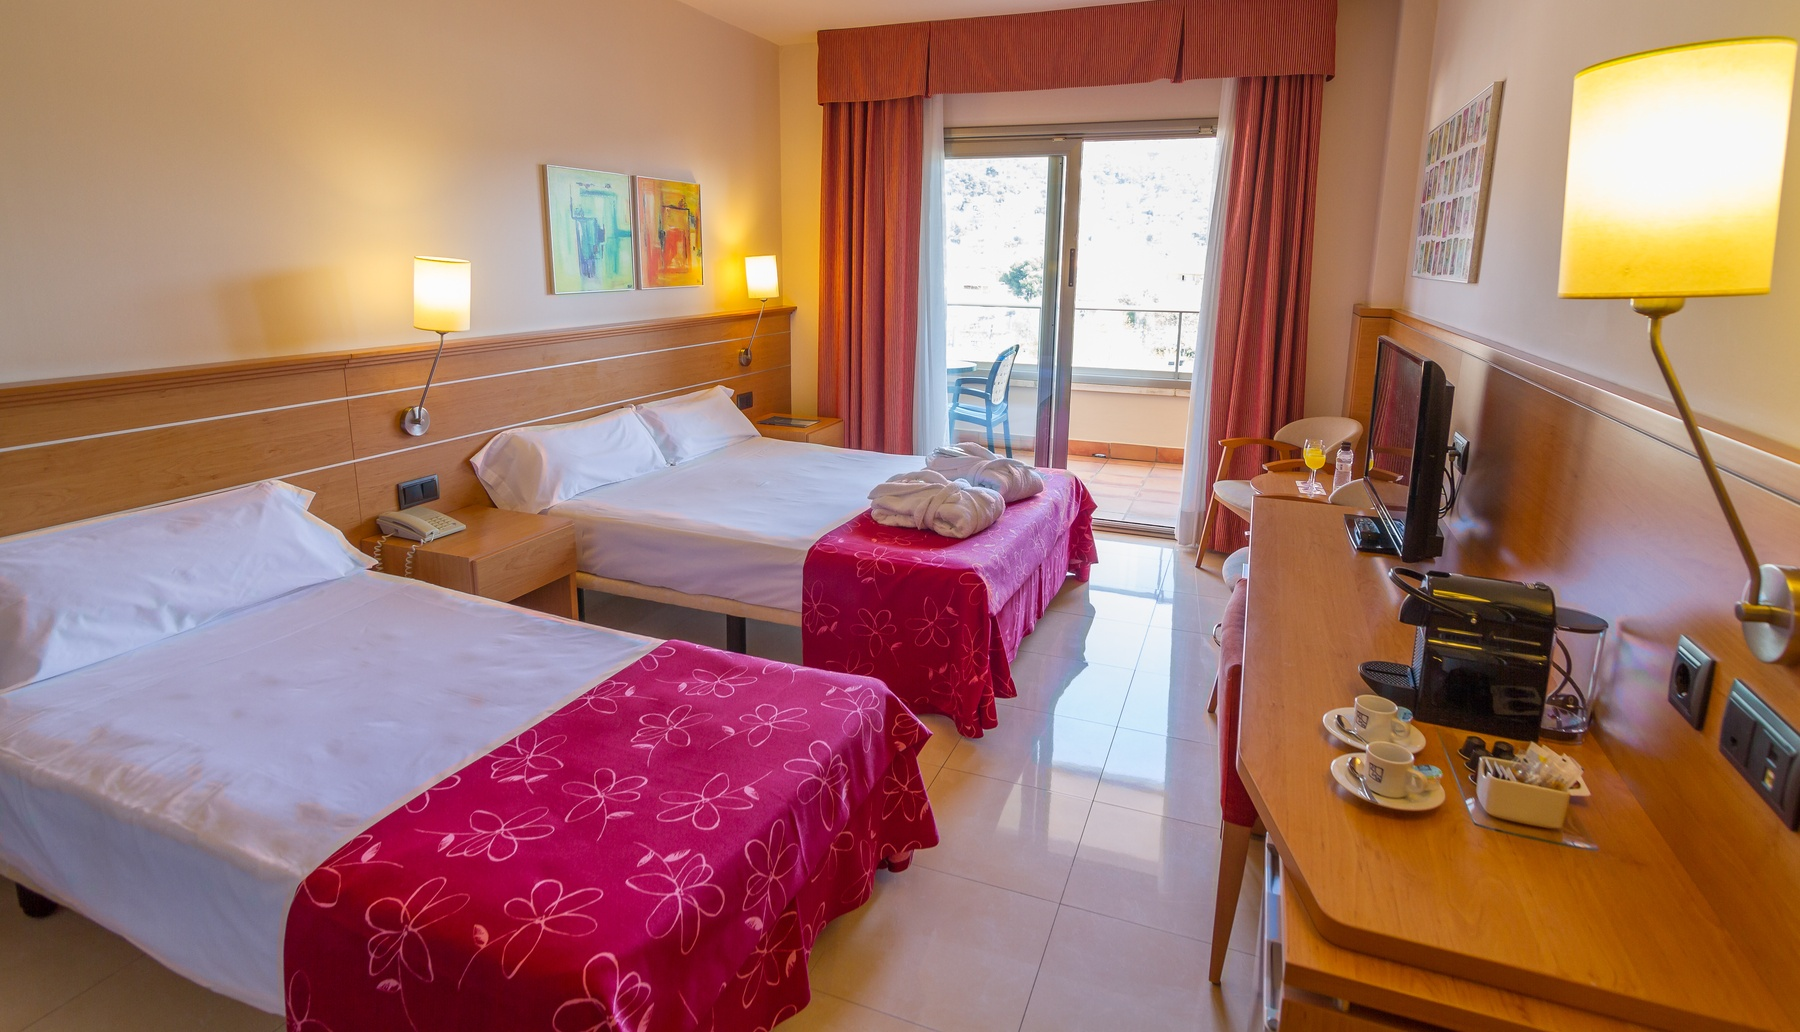 hôtel chambres famille Costa Brava grandes chambres